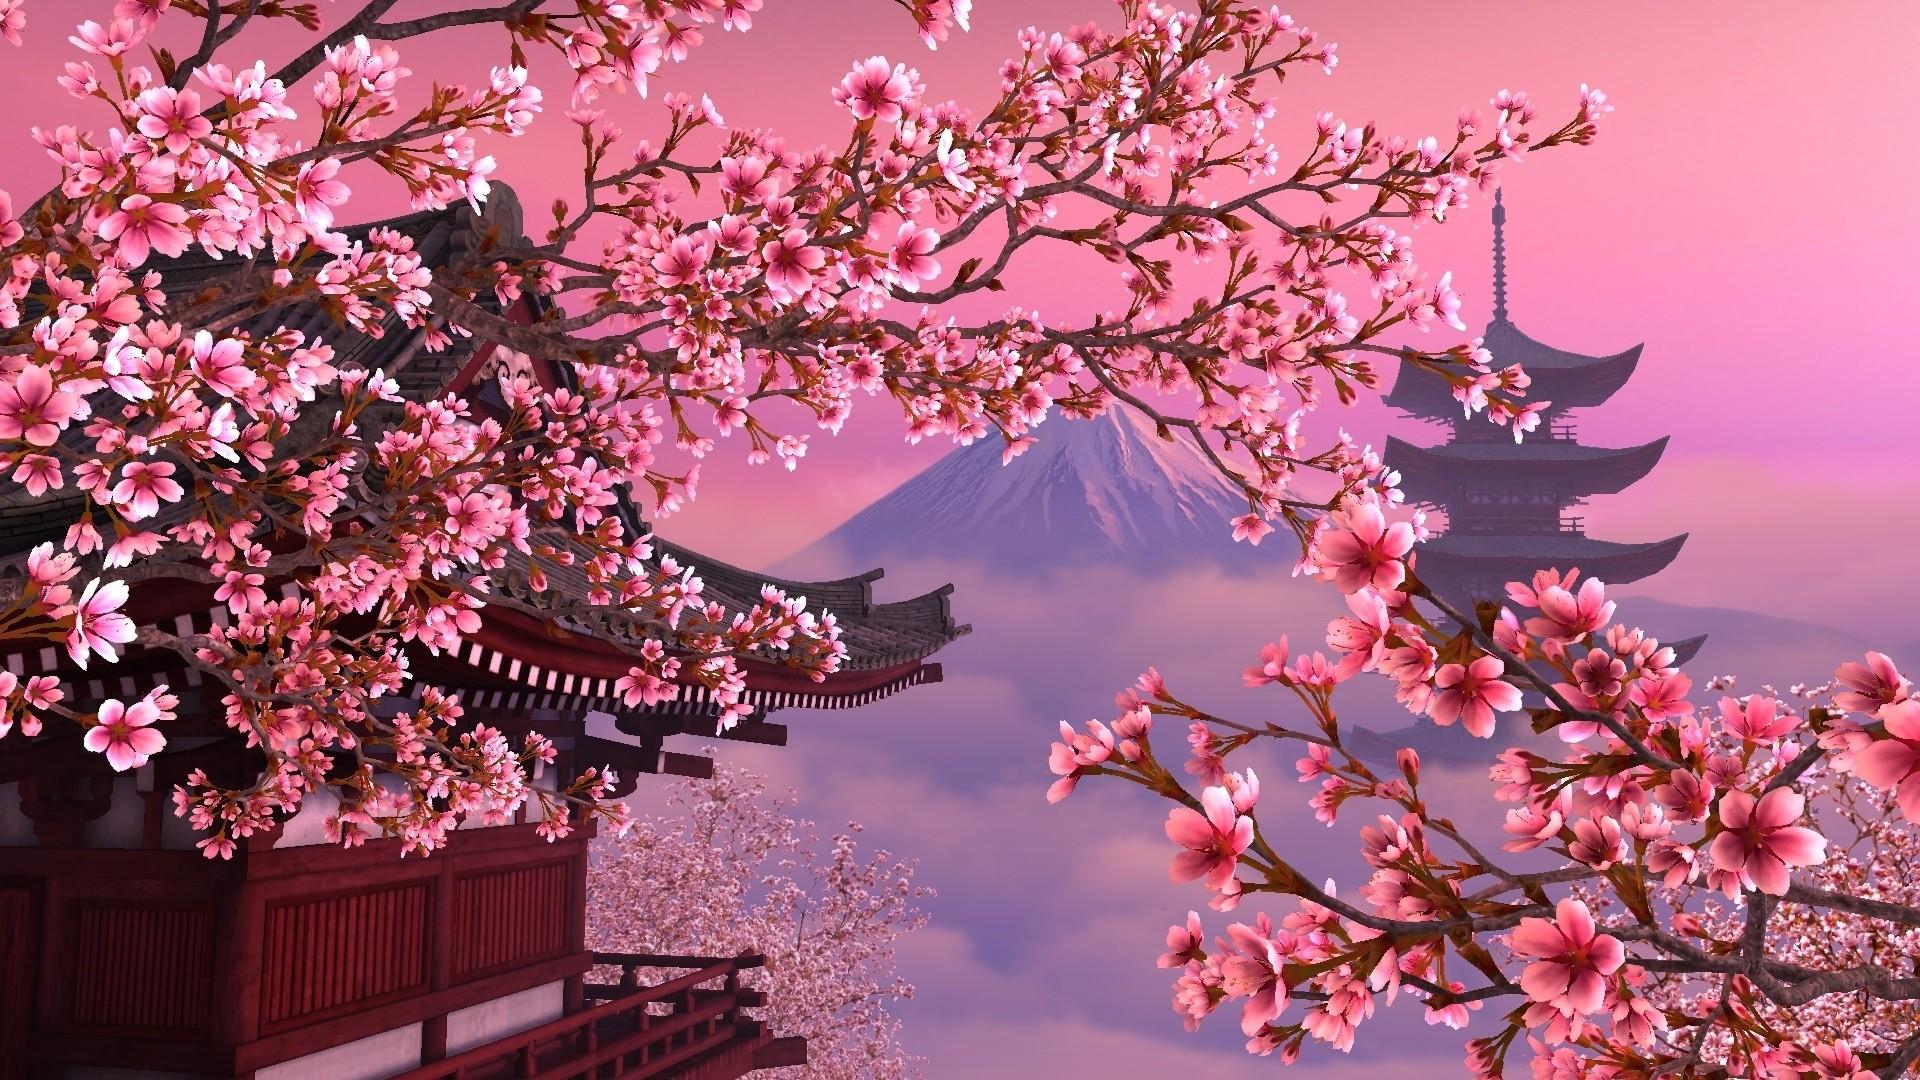 Japan Wallpaper For Pc